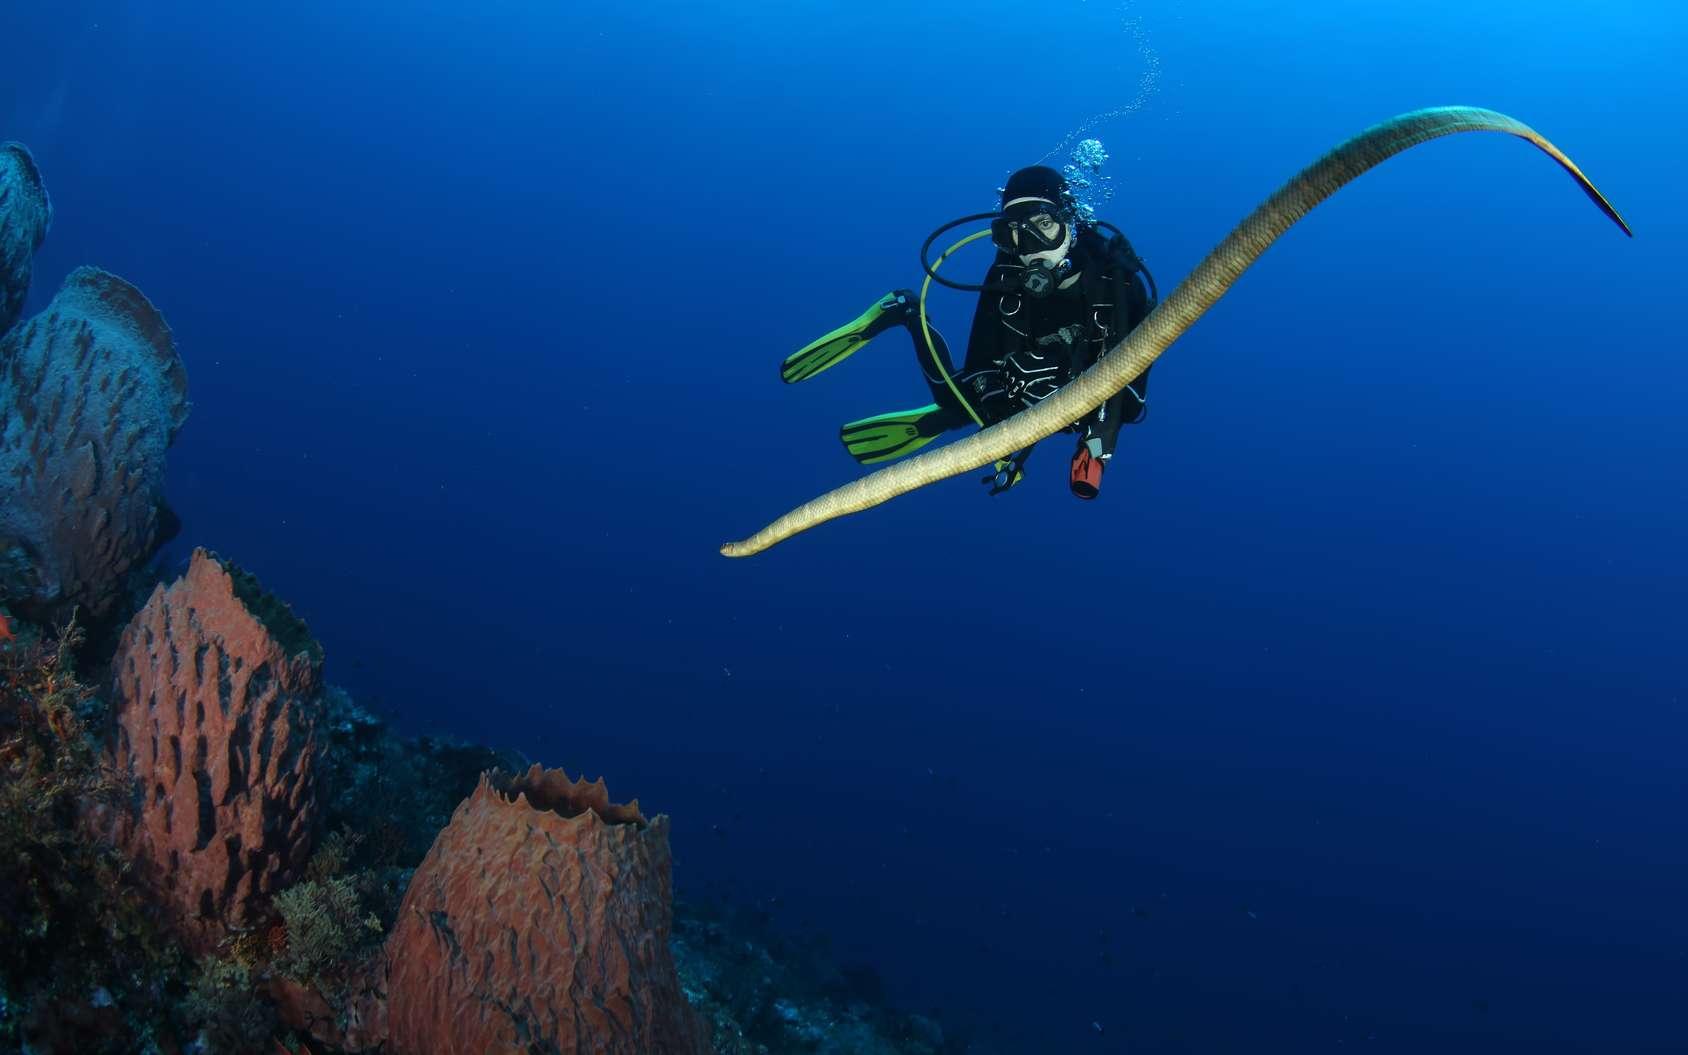 Pour boire de l'eau, le serpent de mer, s'il sait s'y prendre, peut profiter de la pluie. © Valerijs Novickis, Fotolia